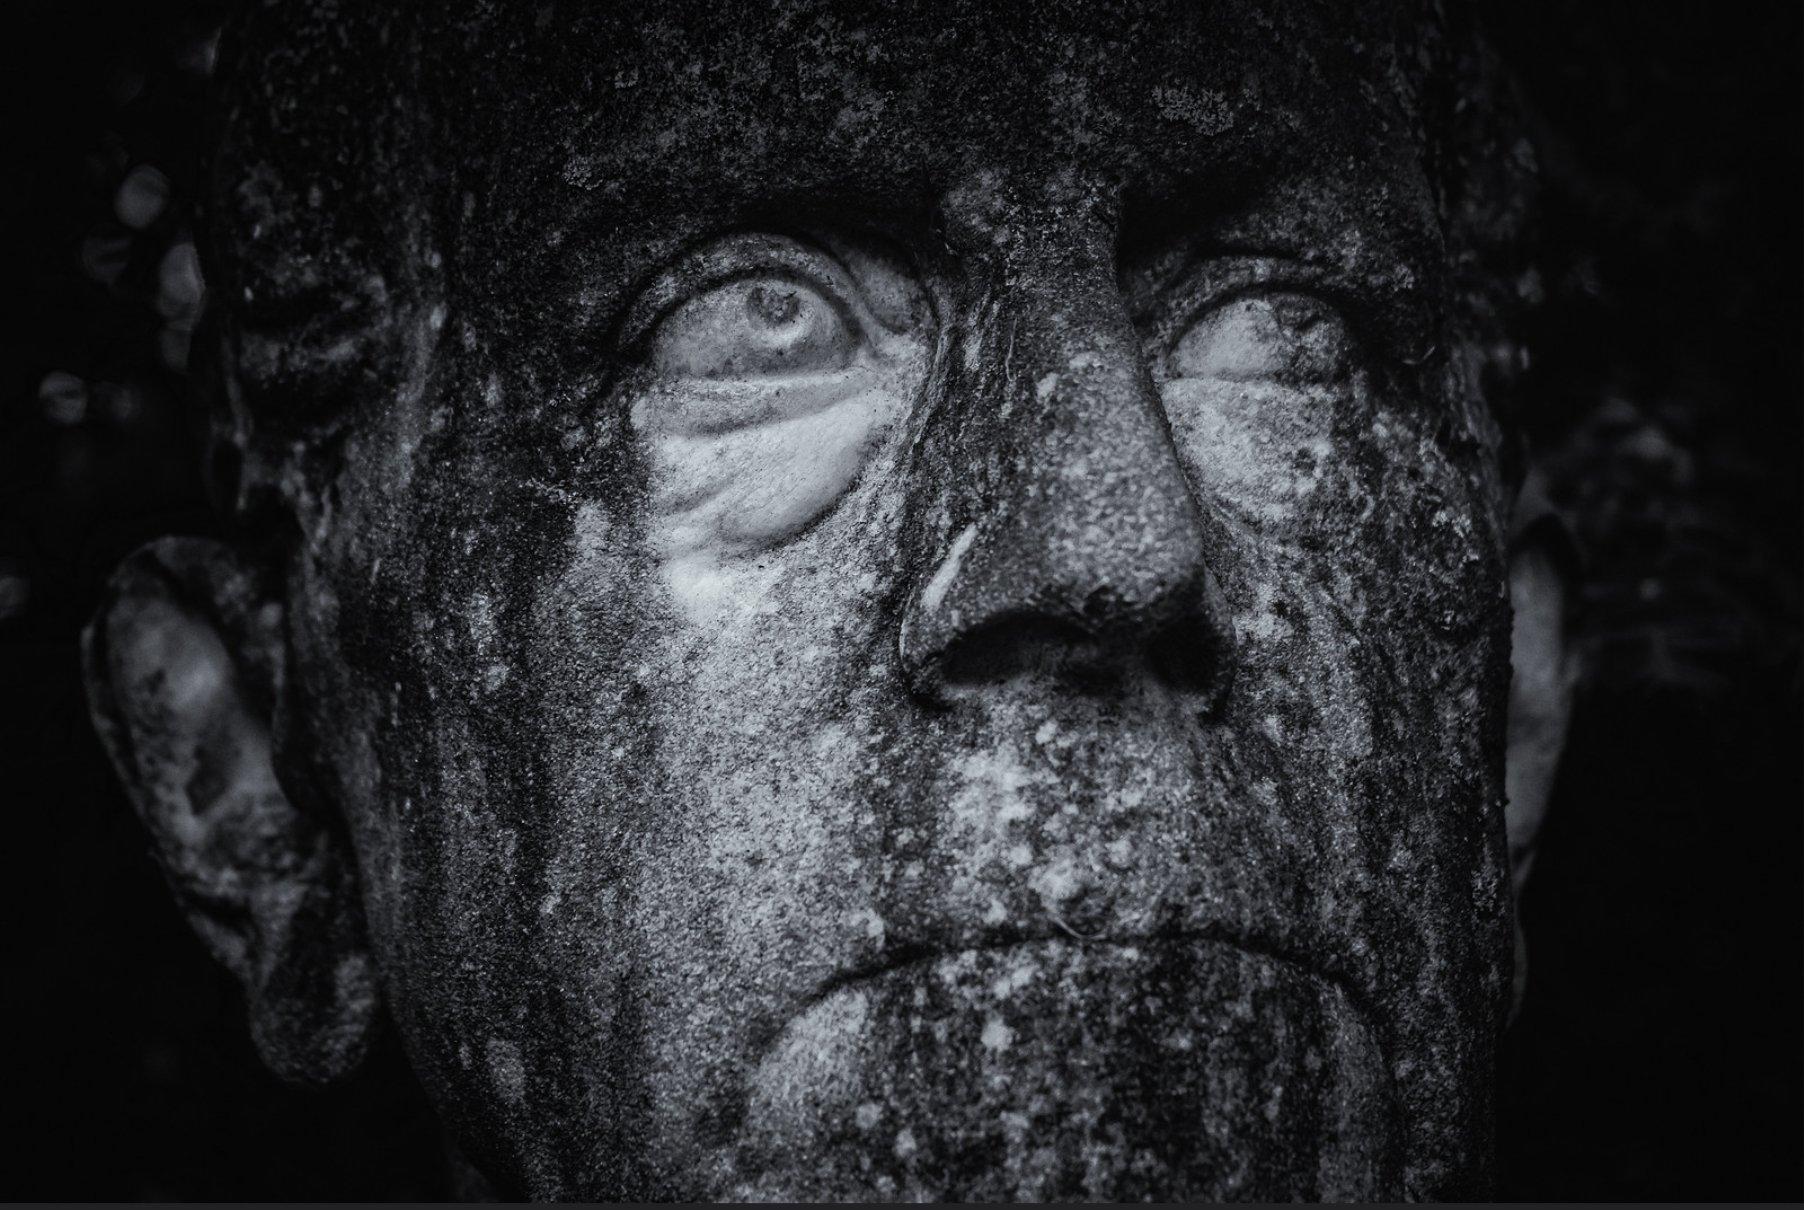 Moltke statue in Stuttgart Lapidarium https://t.co/21aG0WLD6x…